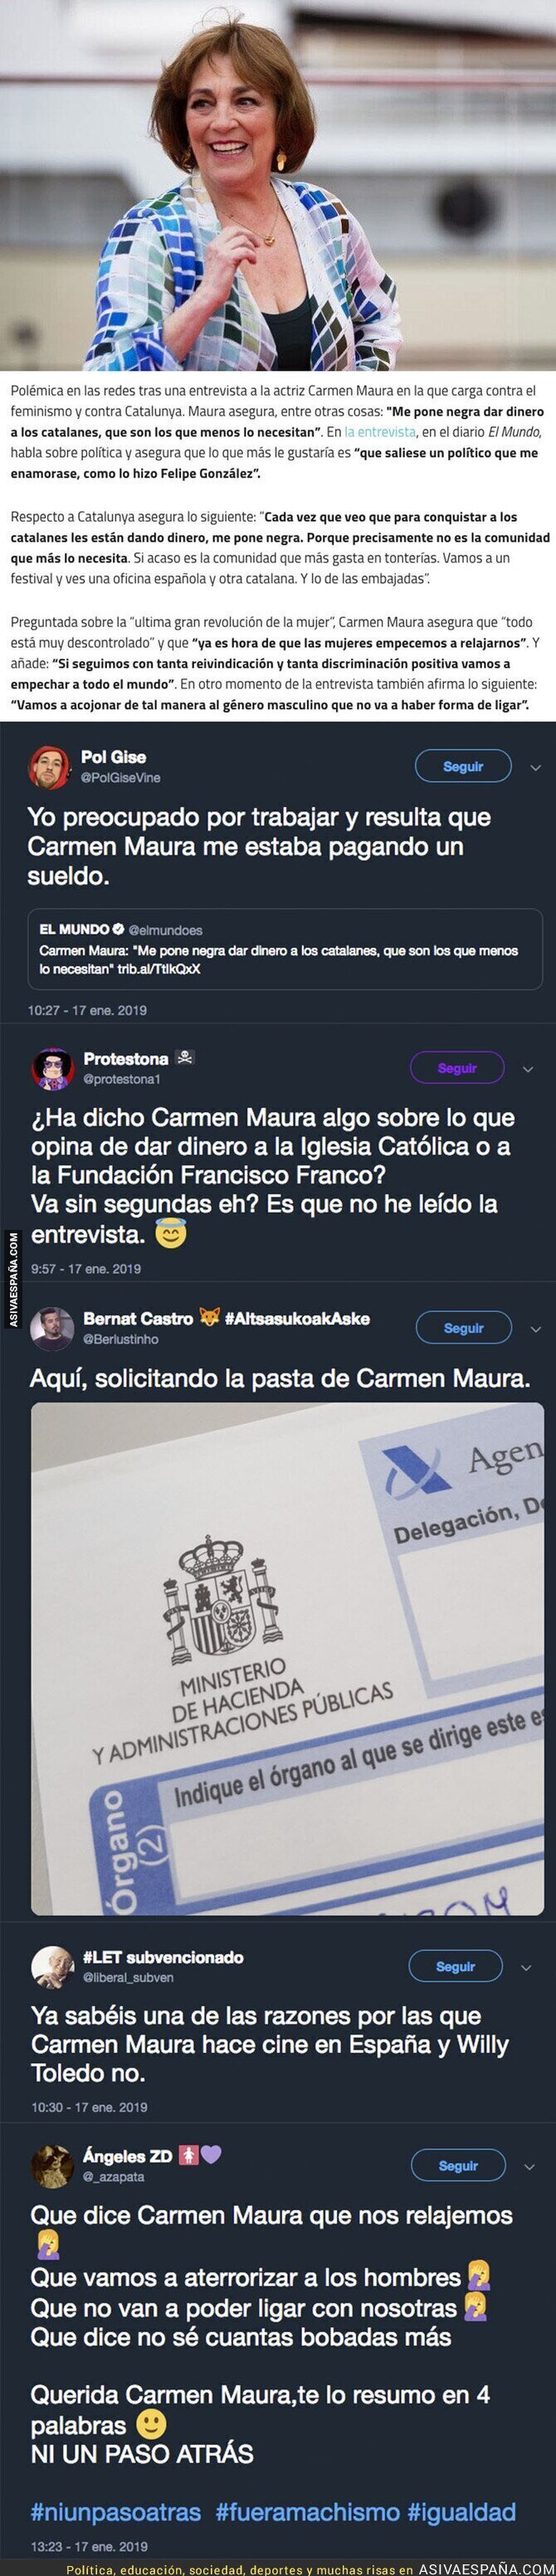 102844 - Carmen Maura carga contra los catalanes por el dinero que reciben y las feministas y todo se le vuelve en contra